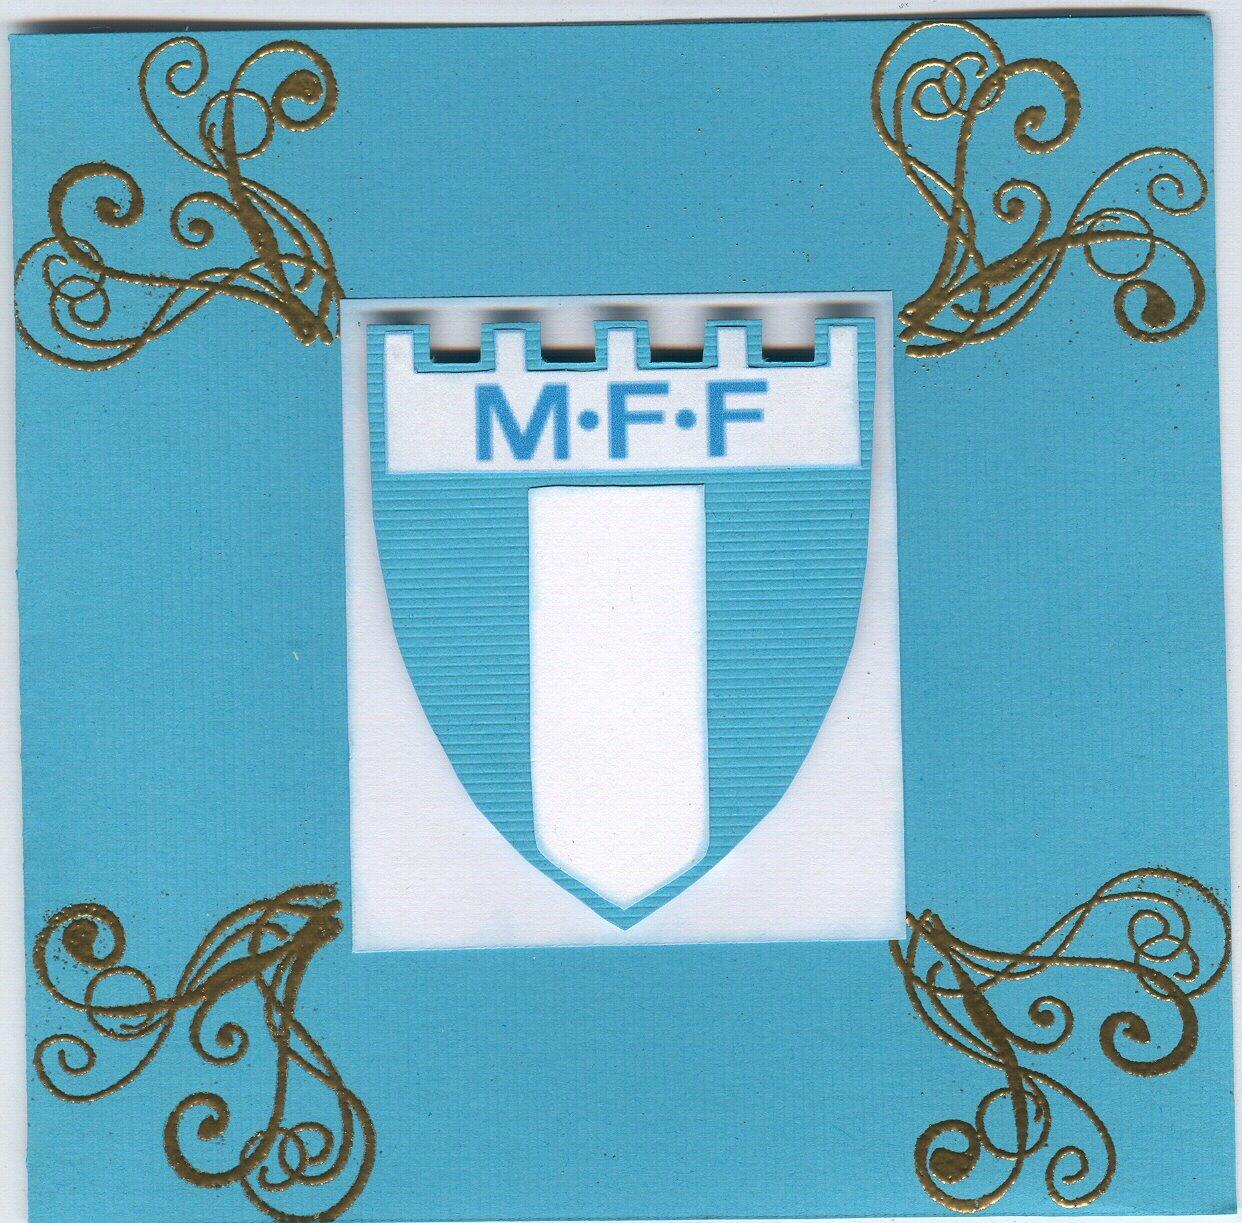 [MFF]